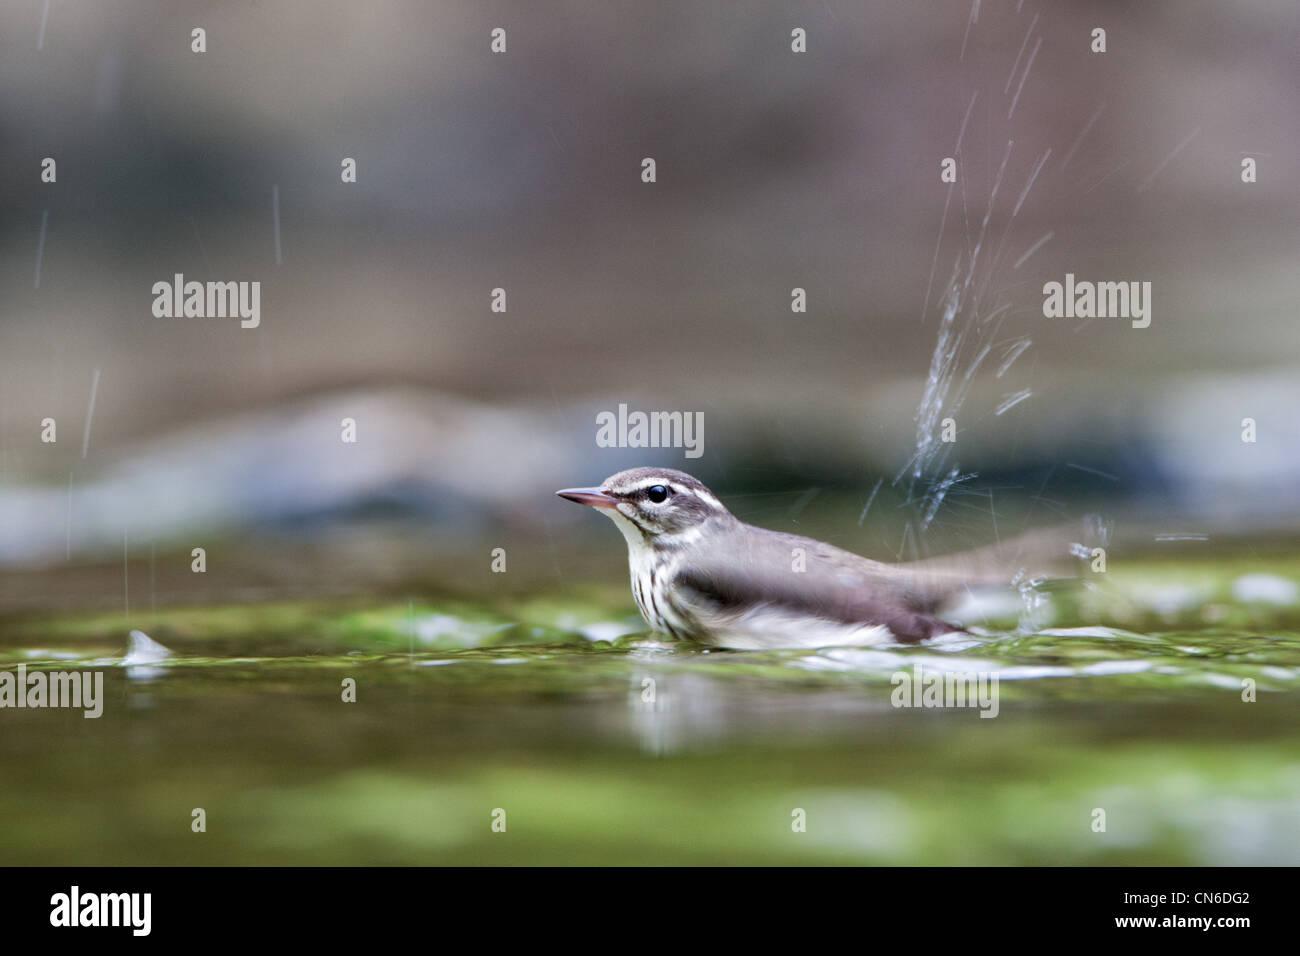 Louisiana Waterthrush in stream - Stock Image